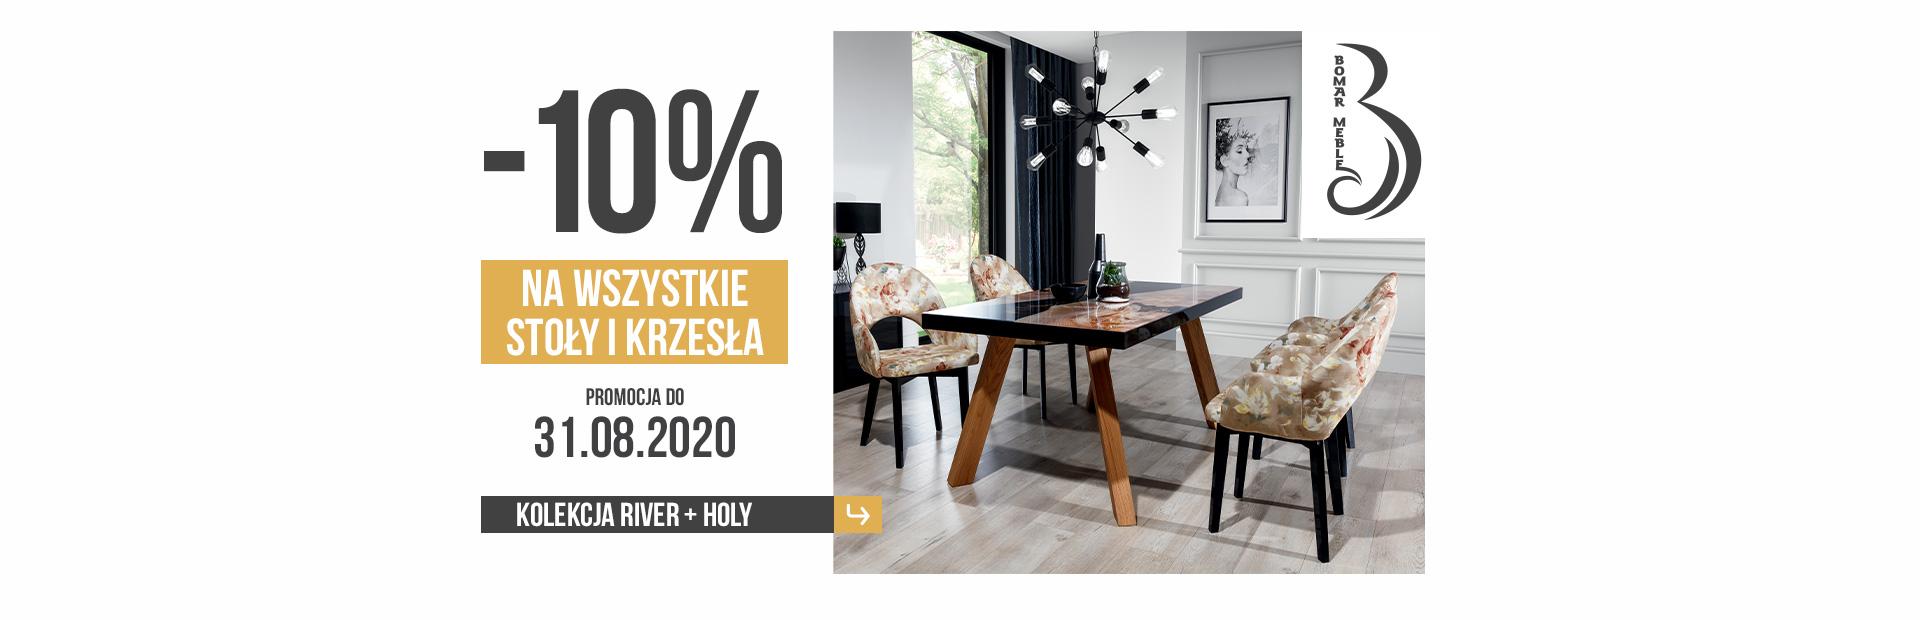 Promocja na wszystkie stoły i krzesła od marki Bomar